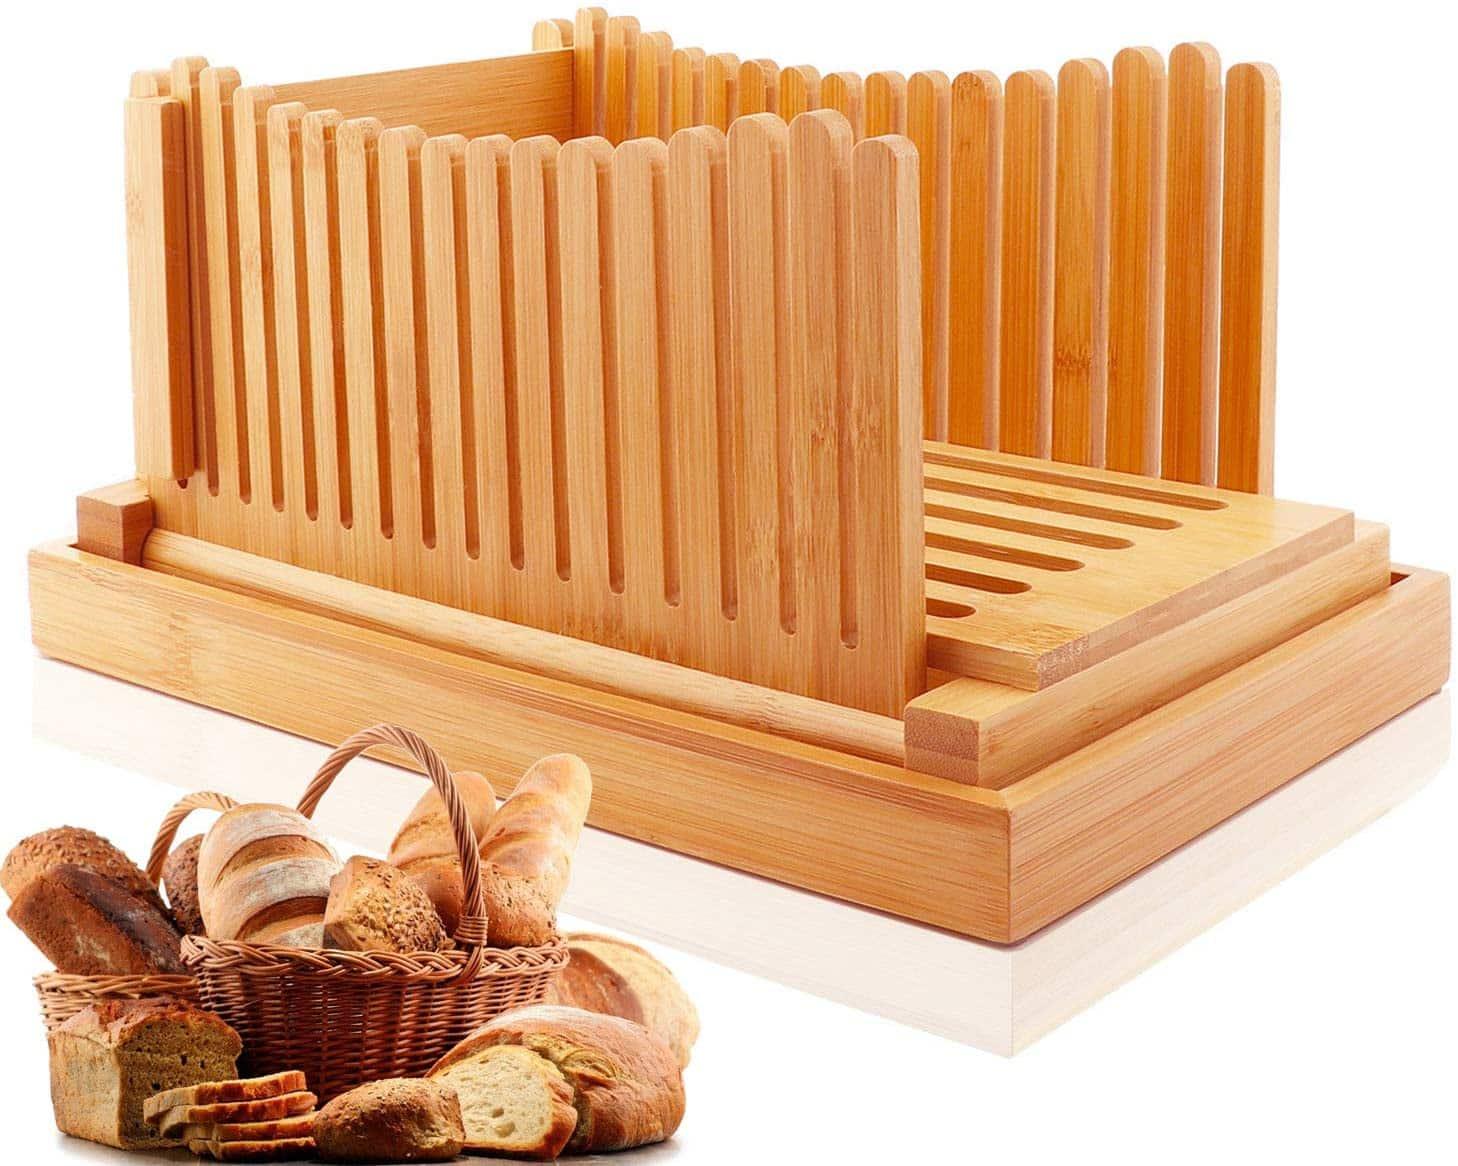 Hsonline Bamboo Bread Slicer